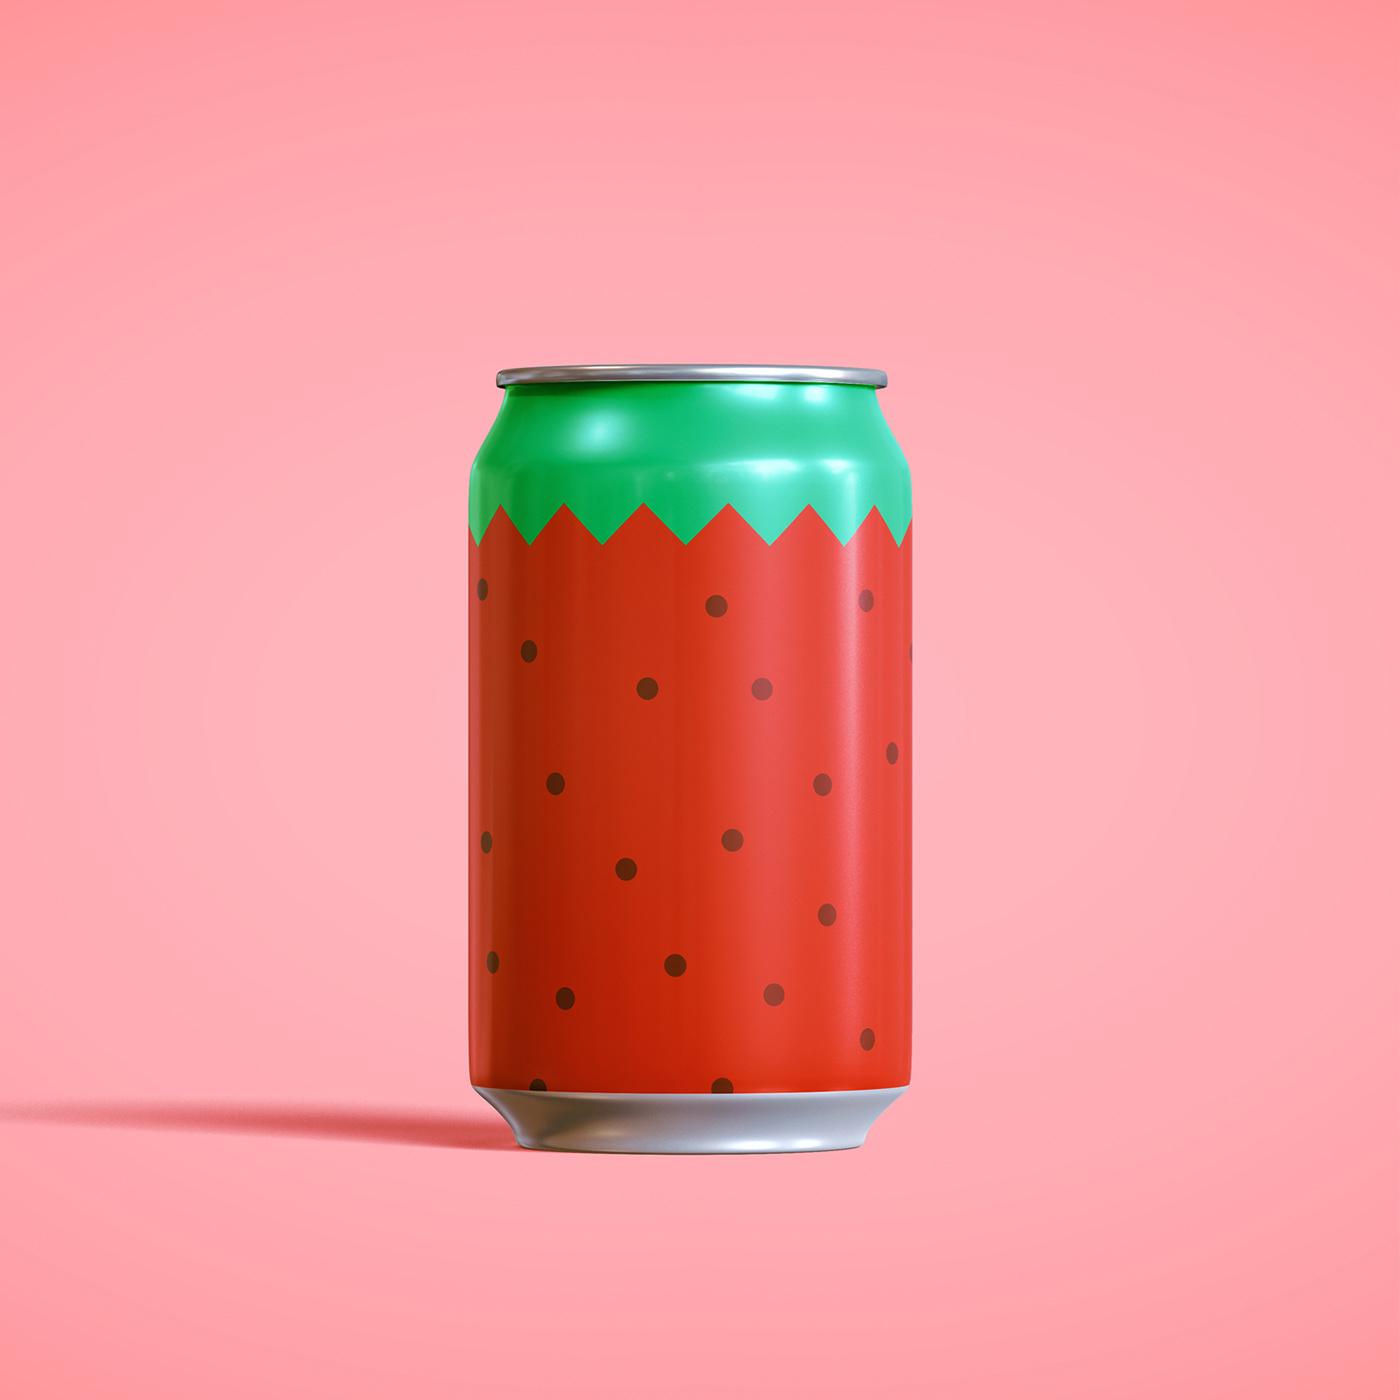 Juicy-can-02.jpg